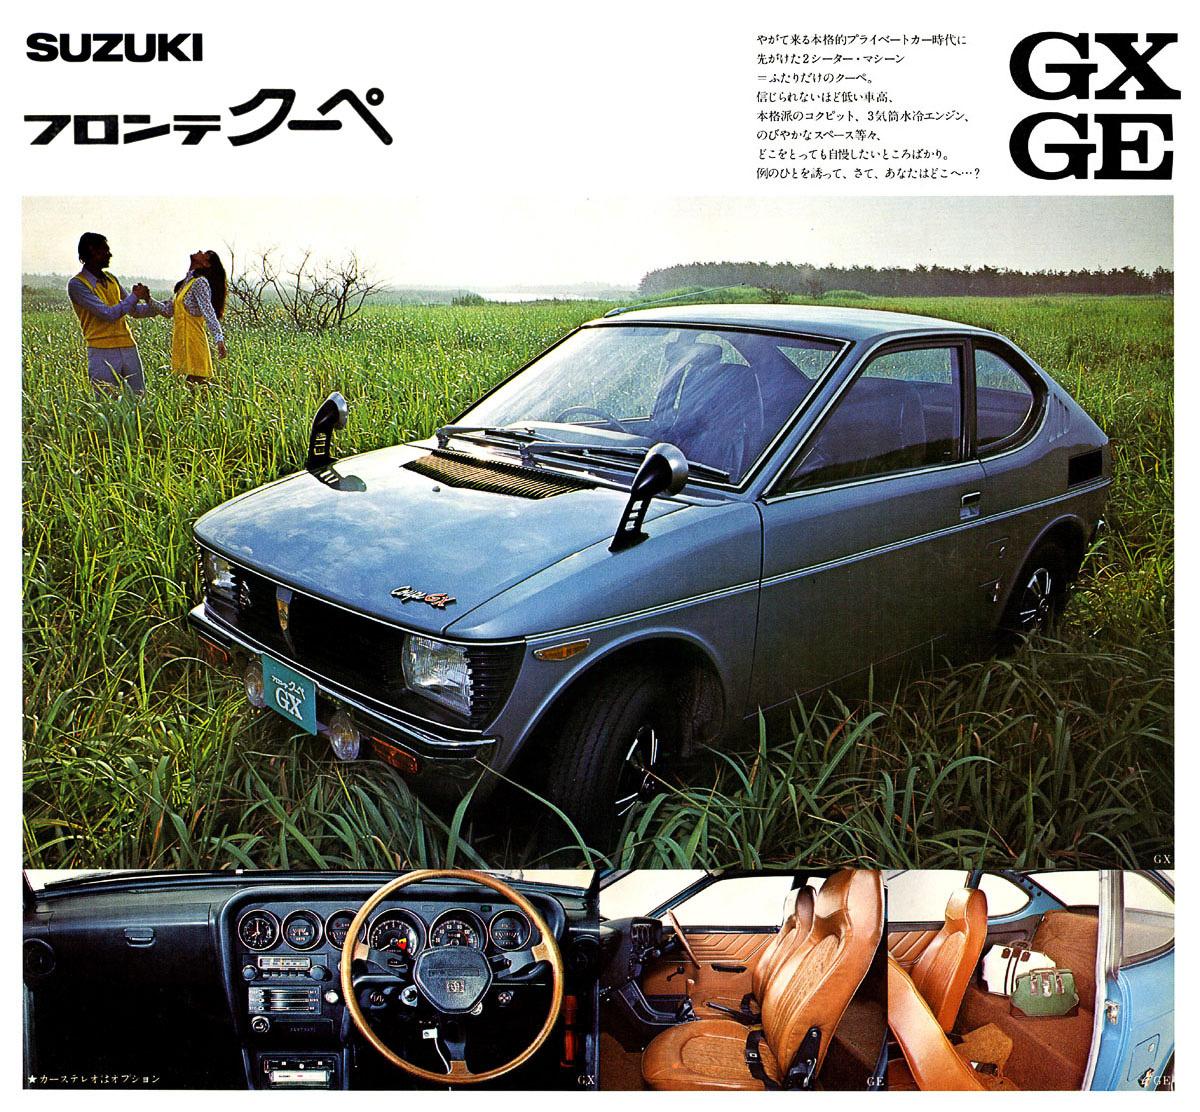 Ez talán a legkultikusabb Suzuki kei-autó Japánban. Formáját Giorgio Giugiaro tervezte (közismerten egy korábbi olasz tanulmány, a Rowan Elettrica nyomán), igaz, a japánok a végleges kivitelhez változtattak az arányokon és a díszítéseken. A Fronte Coupé legerősebb kivitele 37 lóerőt tudott a már vízhűtéses, de még kétütemű, 360 köbcentis farmotorból - igazi rakétává téve a többi kei-kocsinál áramvonalasabb, bő féltonnás autókát.